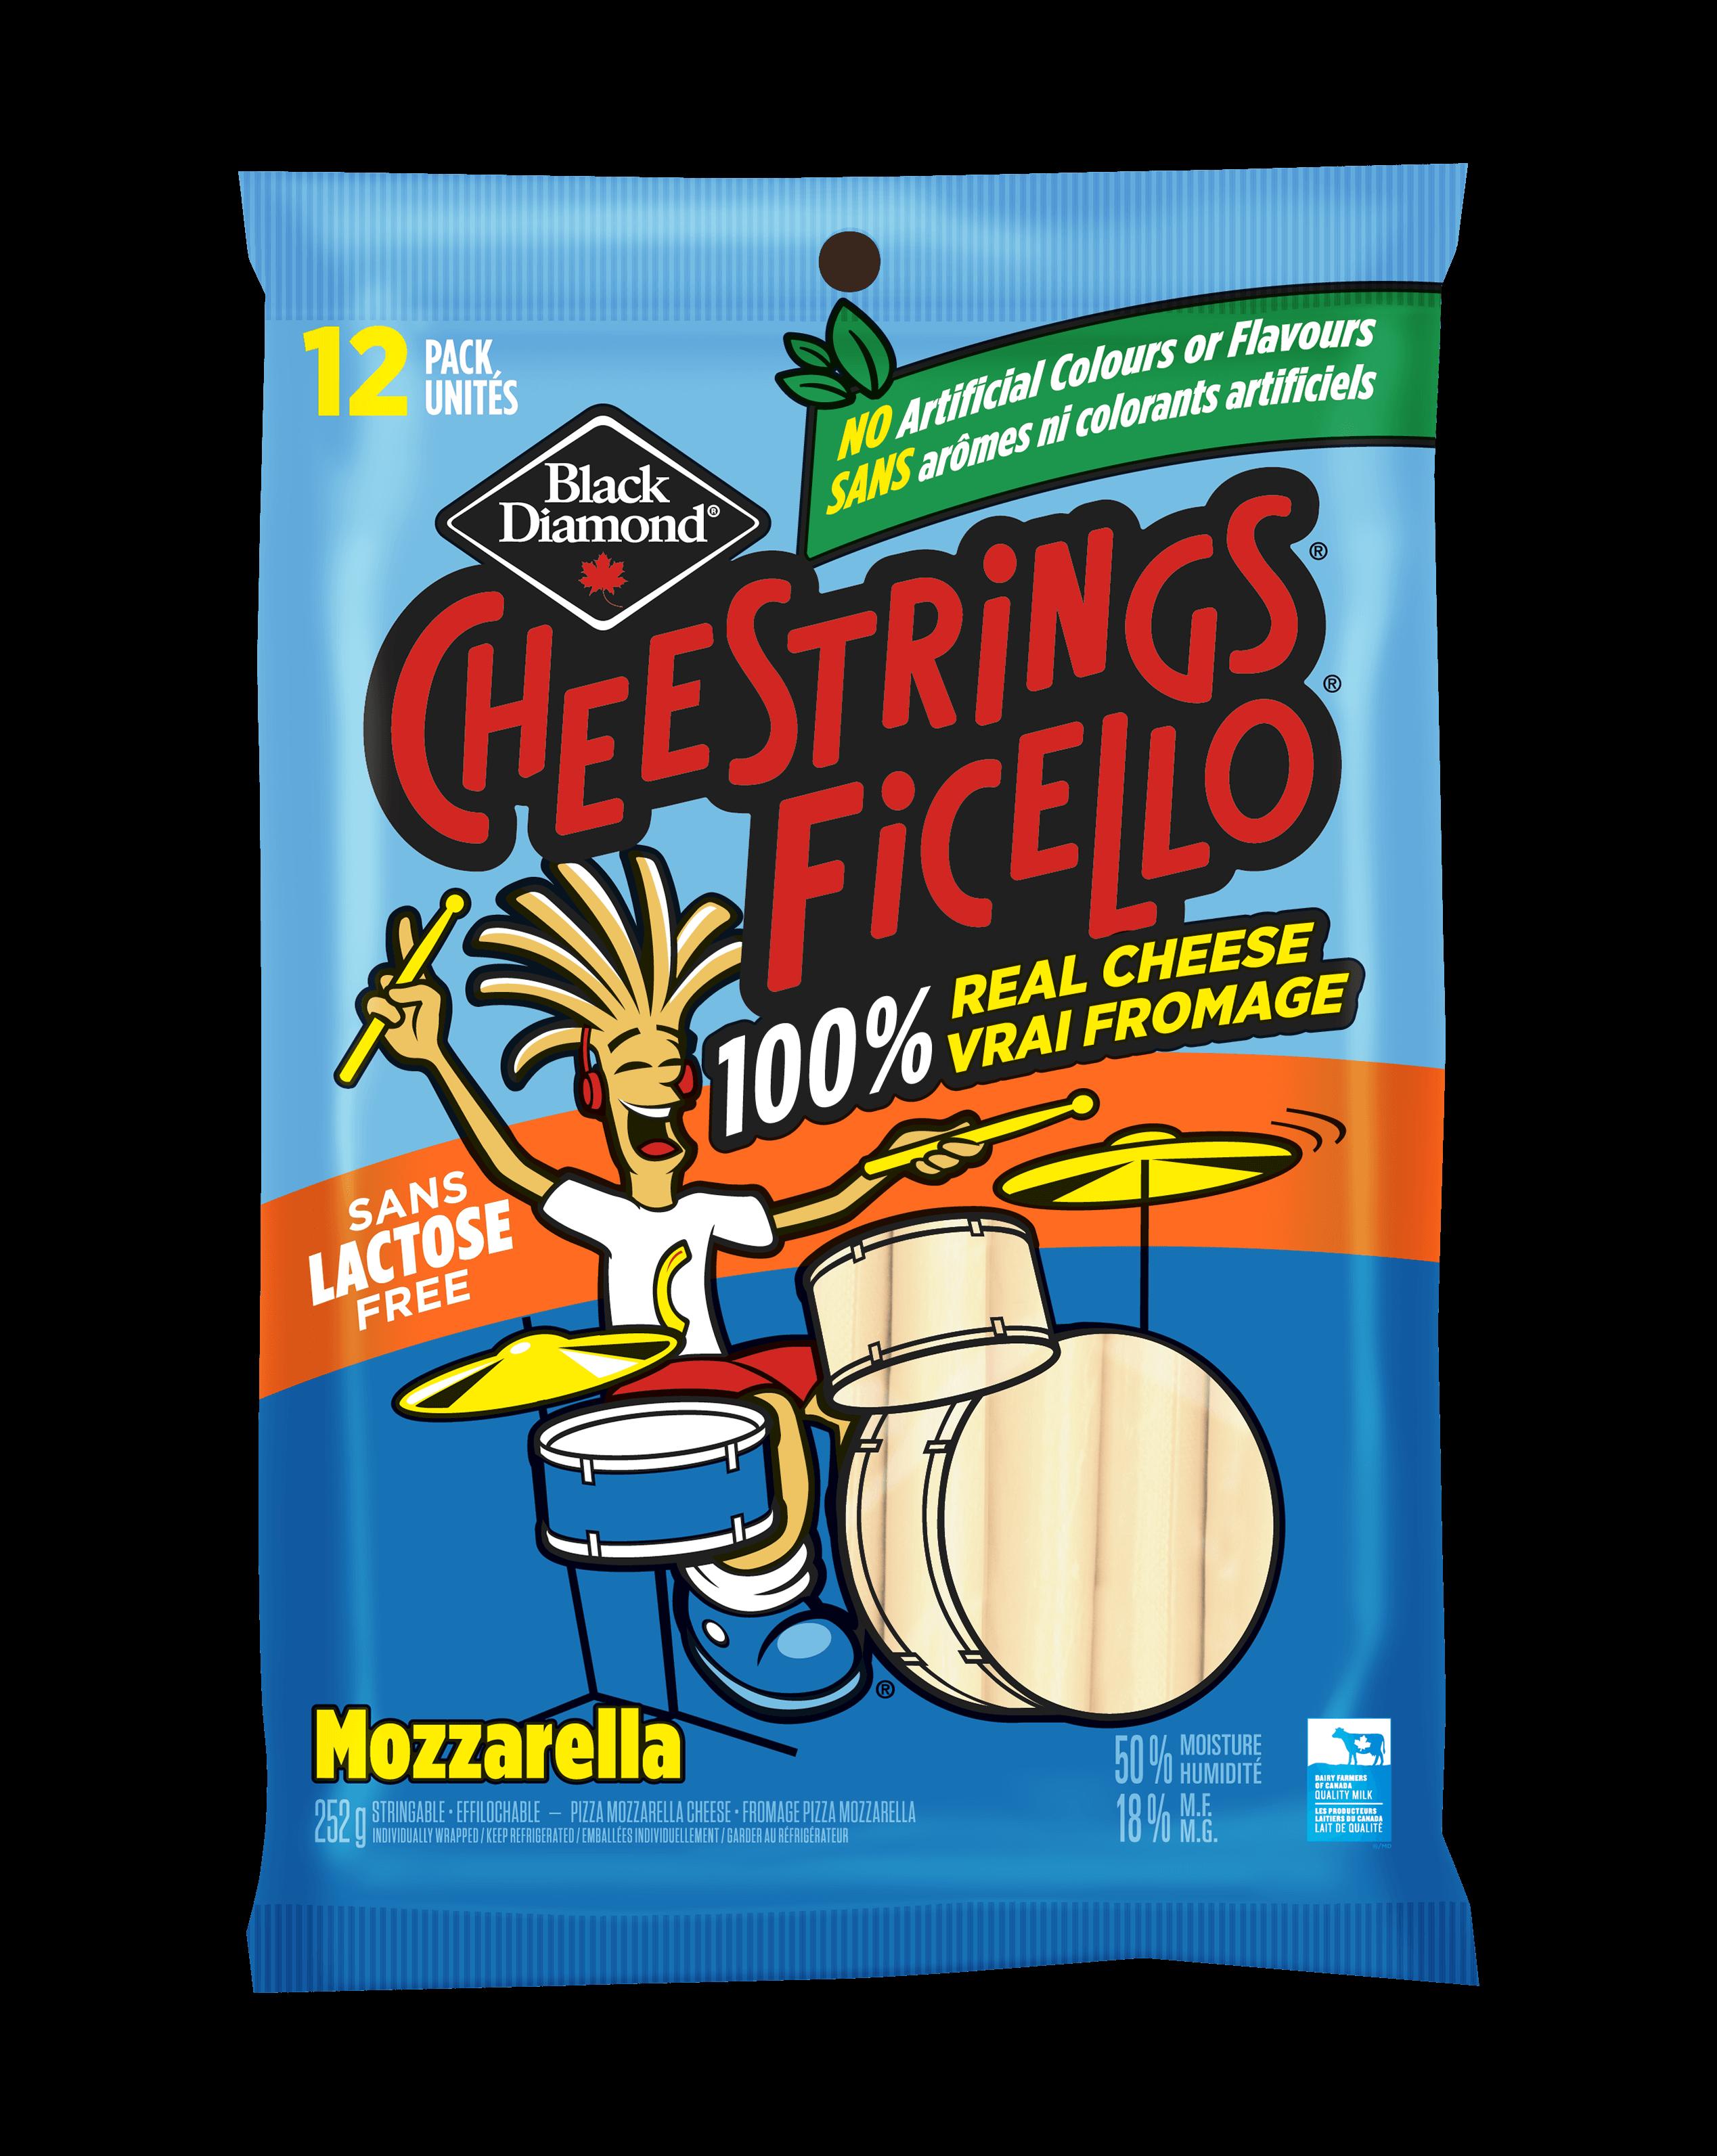 cheestrings-mozzarella-lactose-free